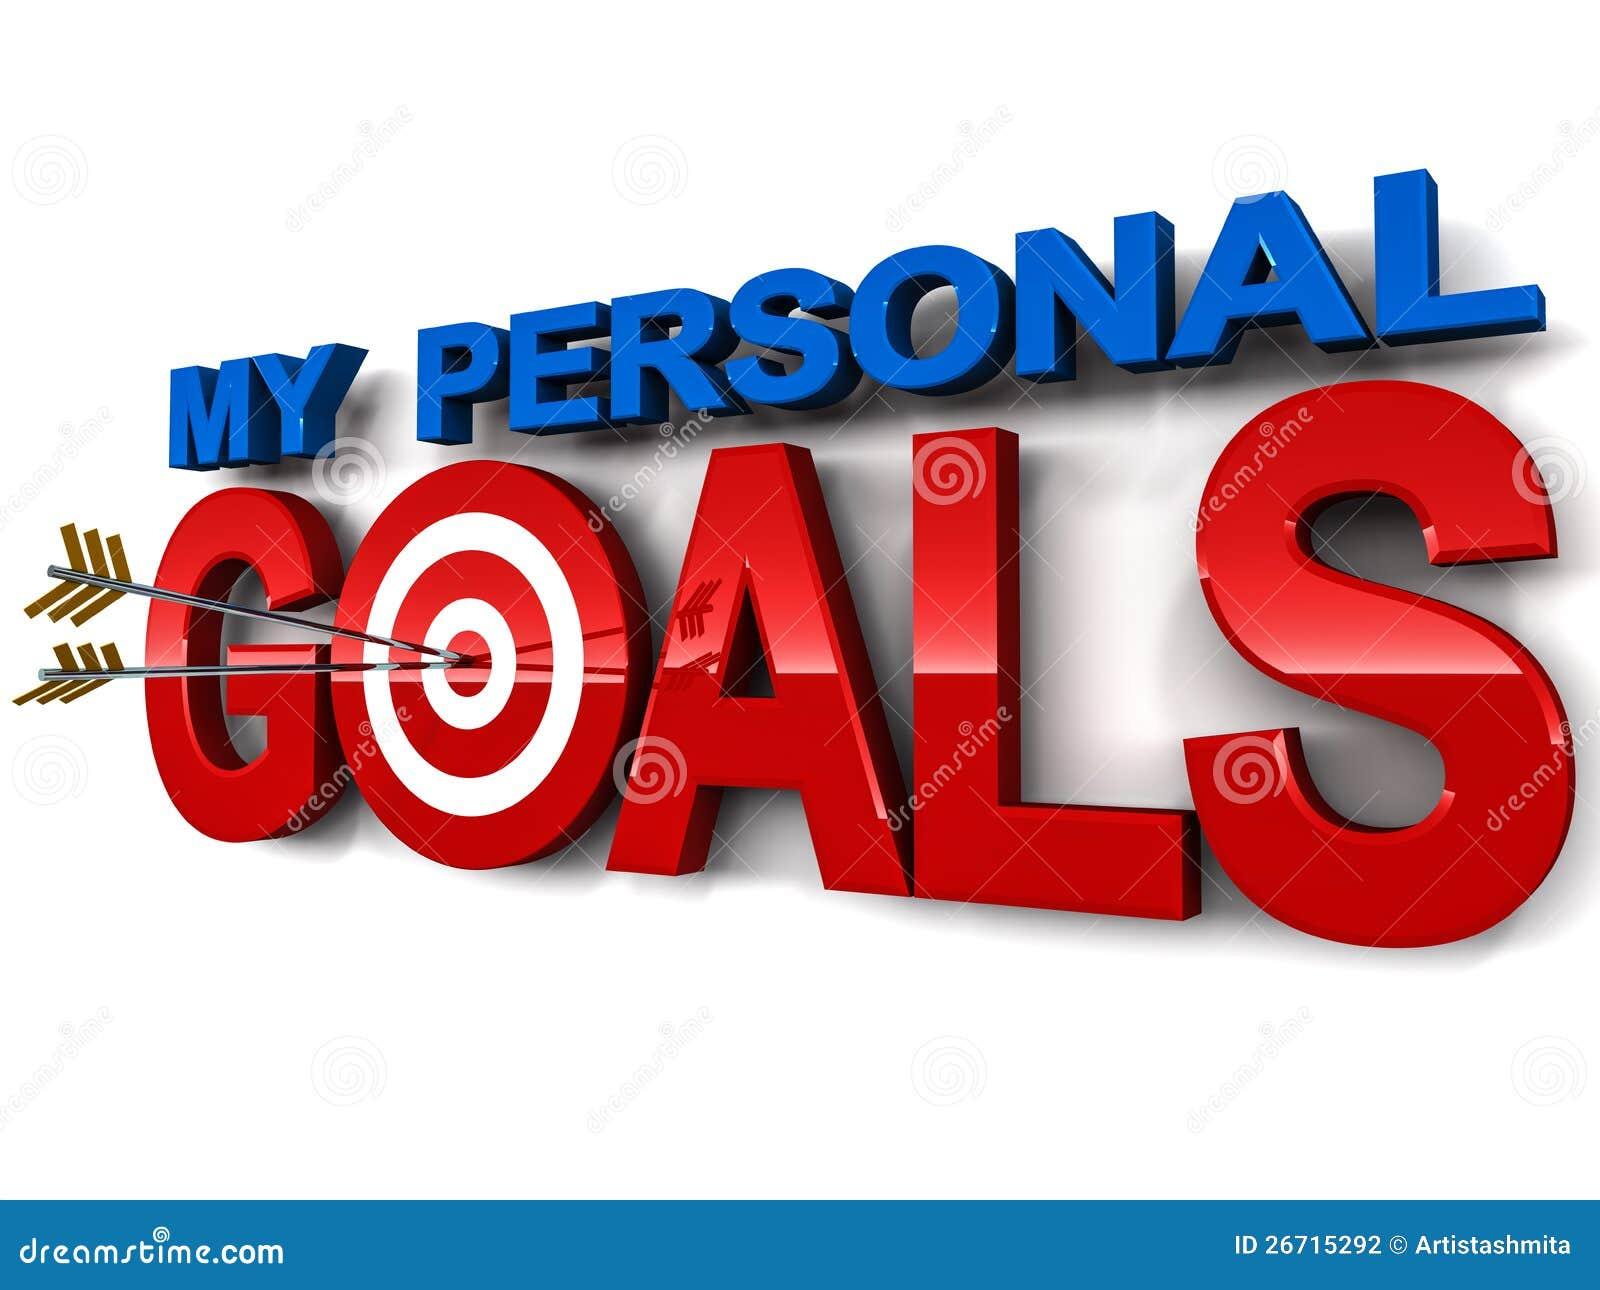 short and long term goals essay